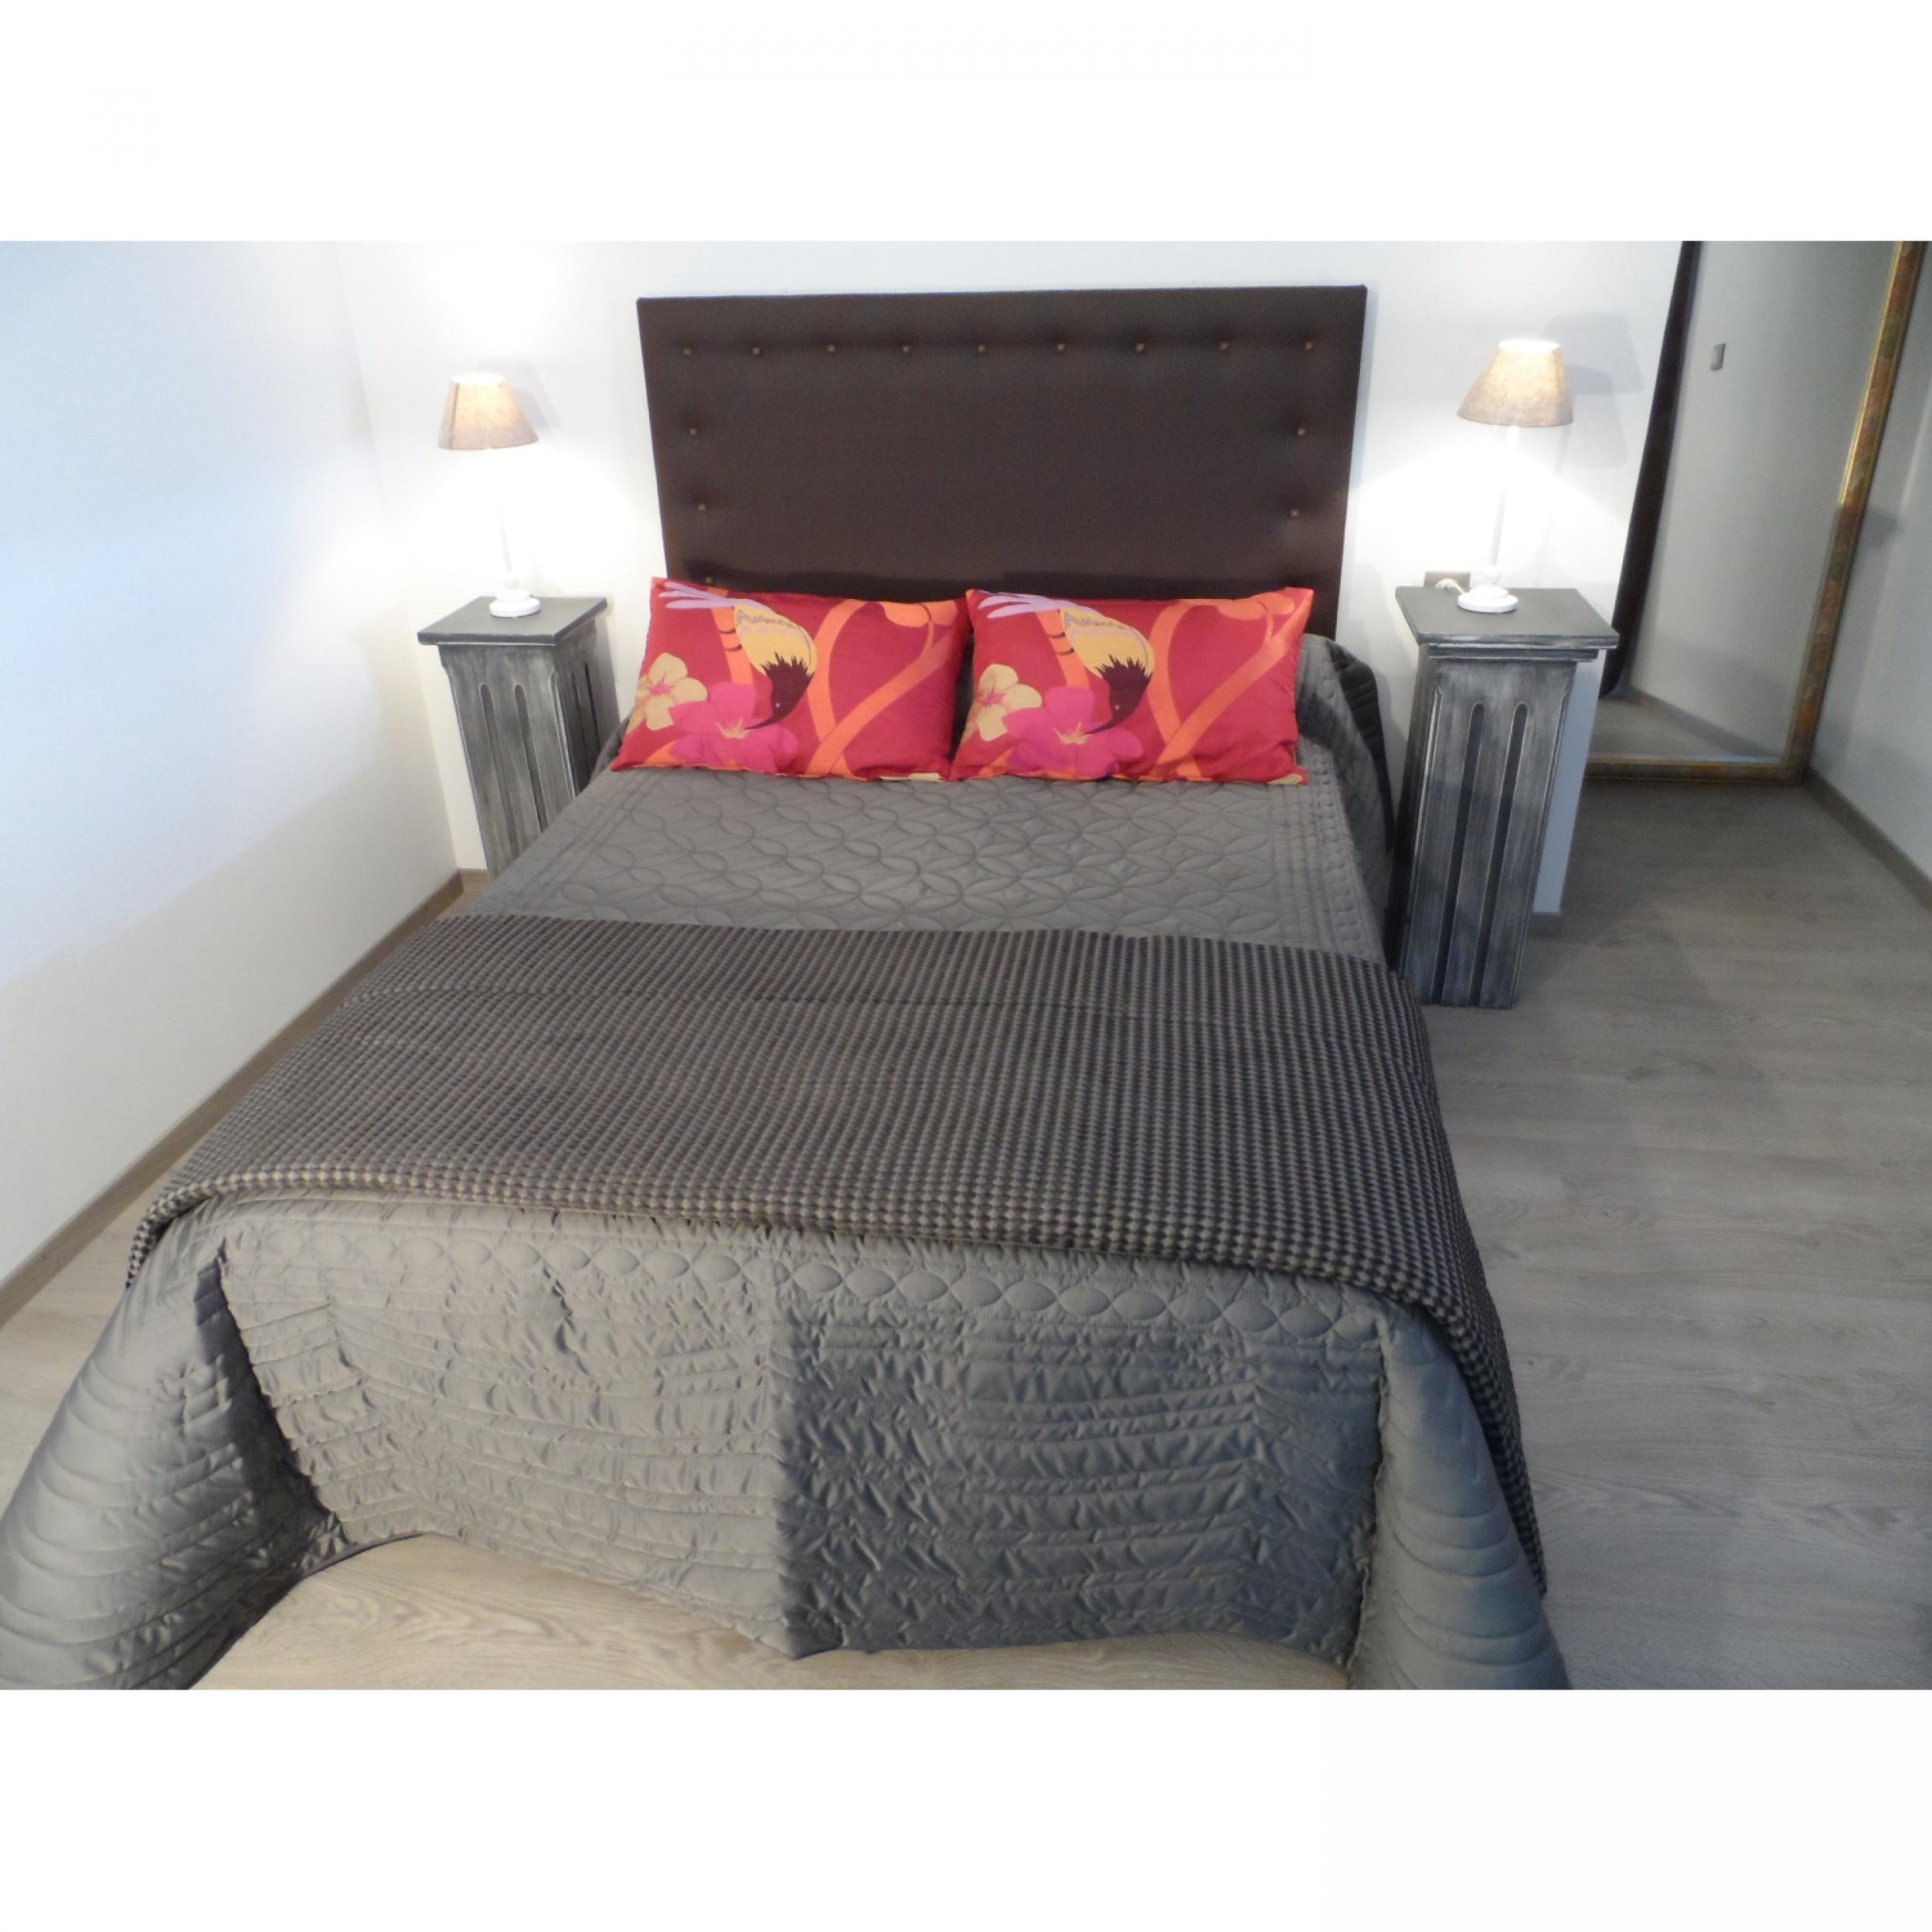 jet de lit soft gris matelass pour lit de 140 cm l. Black Bedroom Furniture Sets. Home Design Ideas